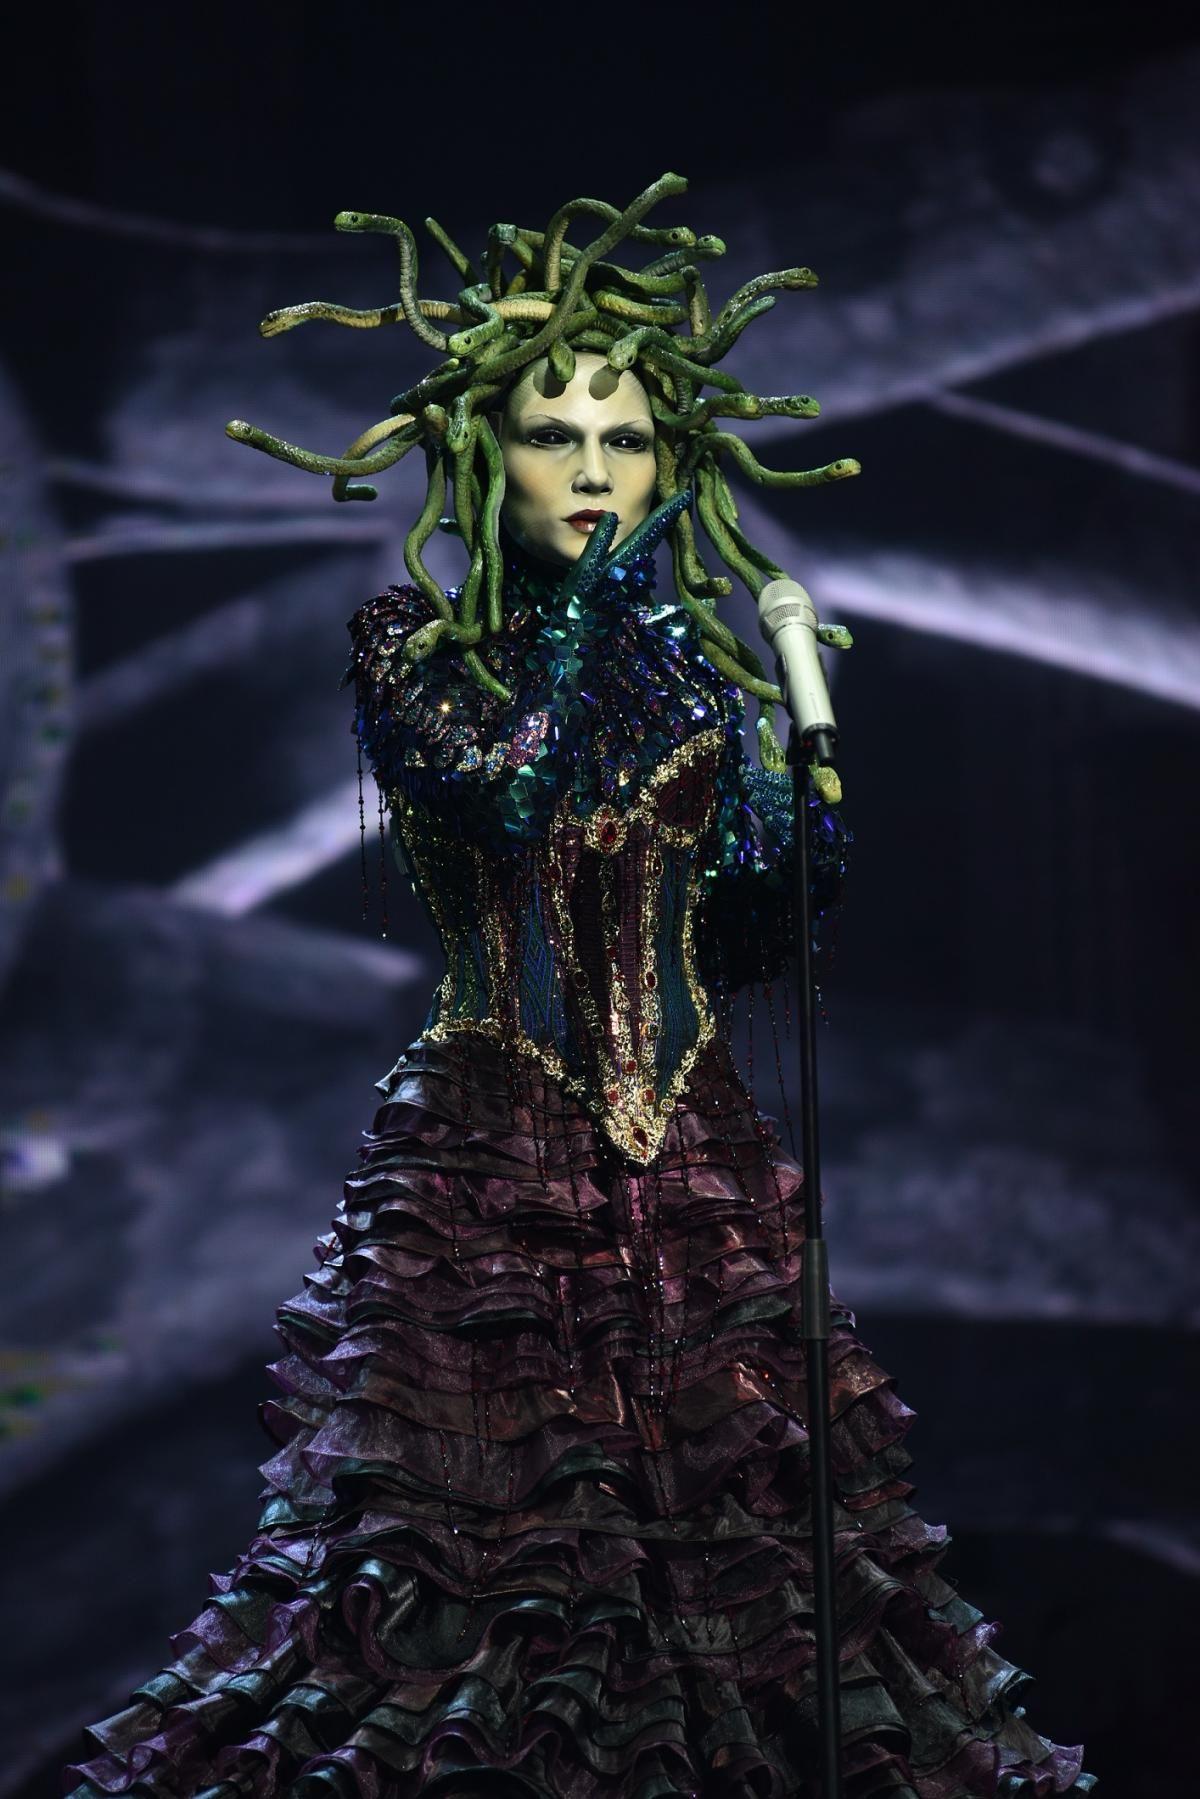 Сцену запалить міфічна діва, неймовірна Медуза Горгона / фото 1+1